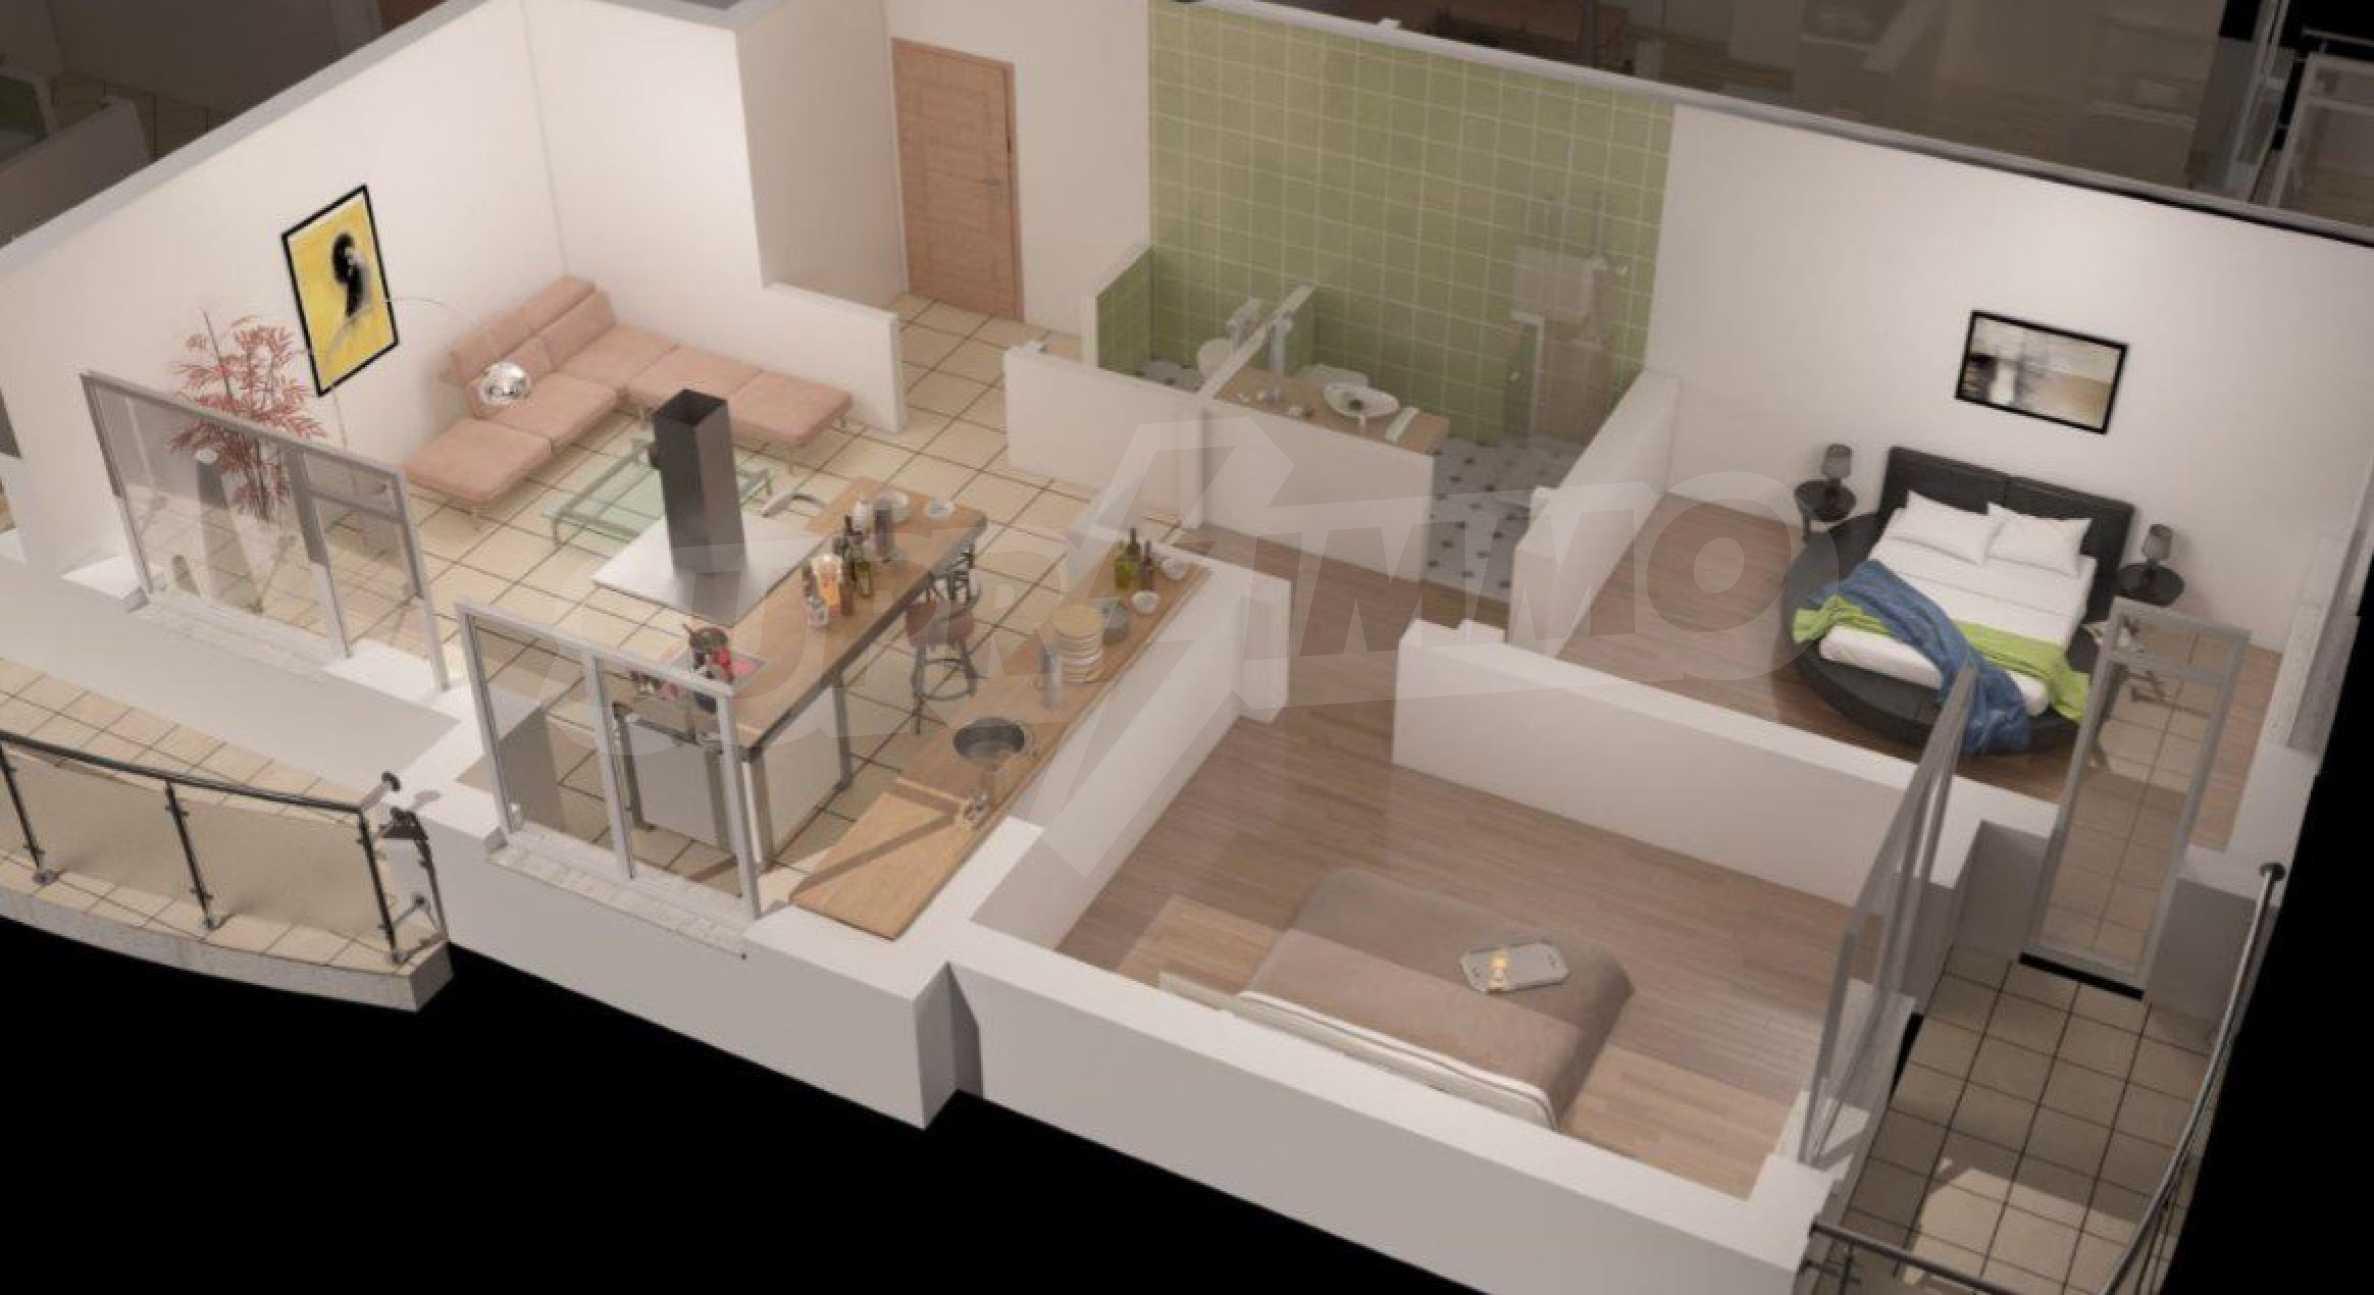 Новострояща се сграда с гаражи в добре развит квартал на София 3